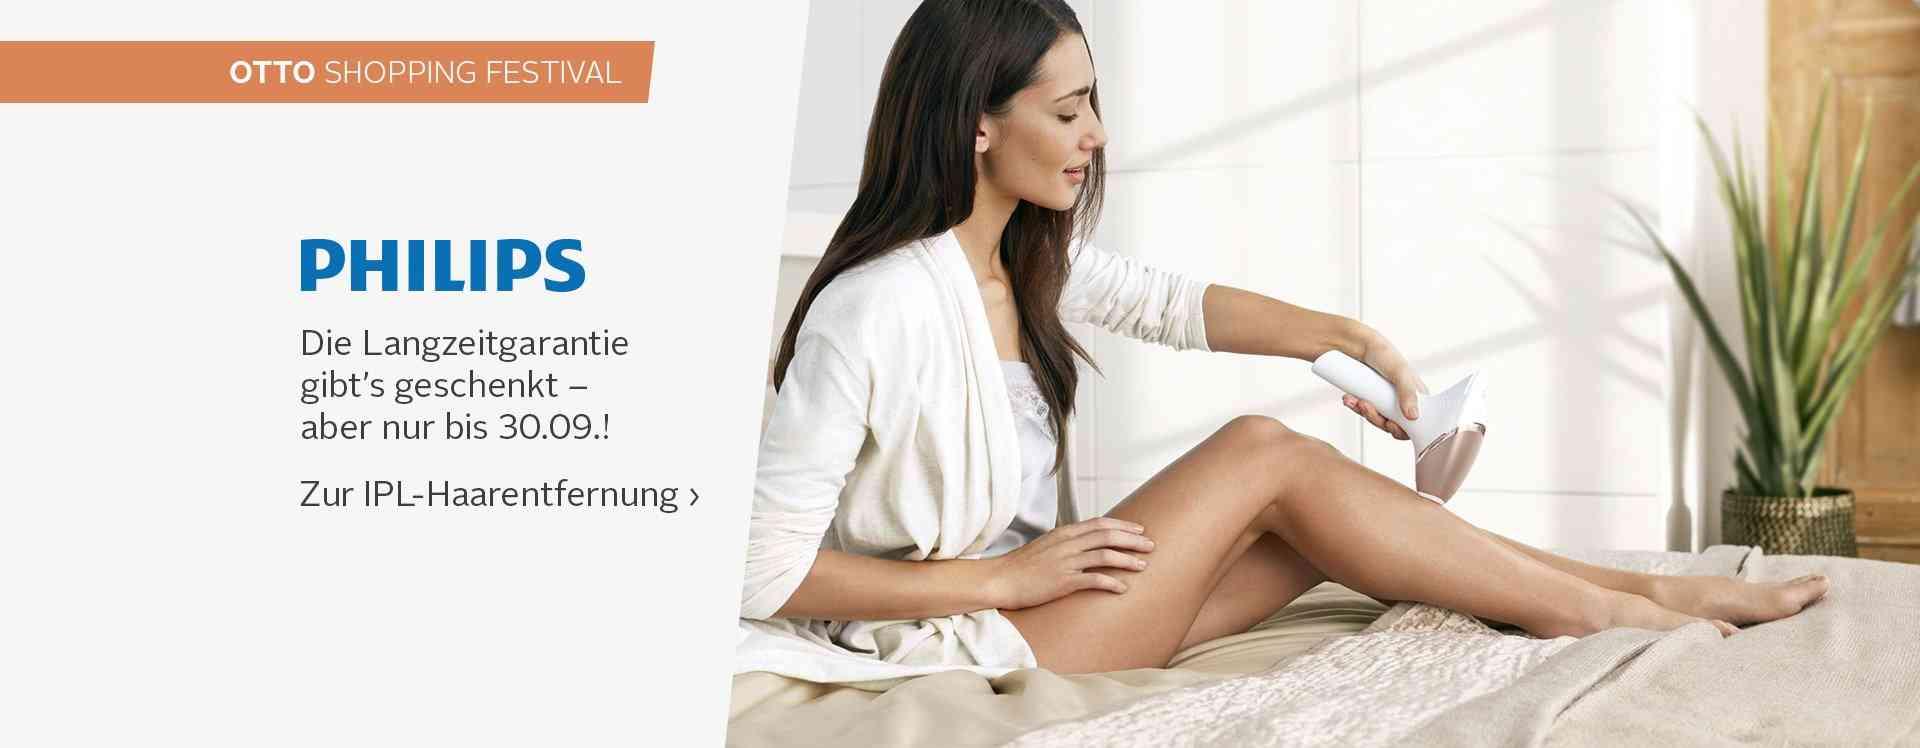 IPL Haarentferner arbeiten mit sanften Lichtimpulsen und sorgt für glatte Haut am ganzen Körper.